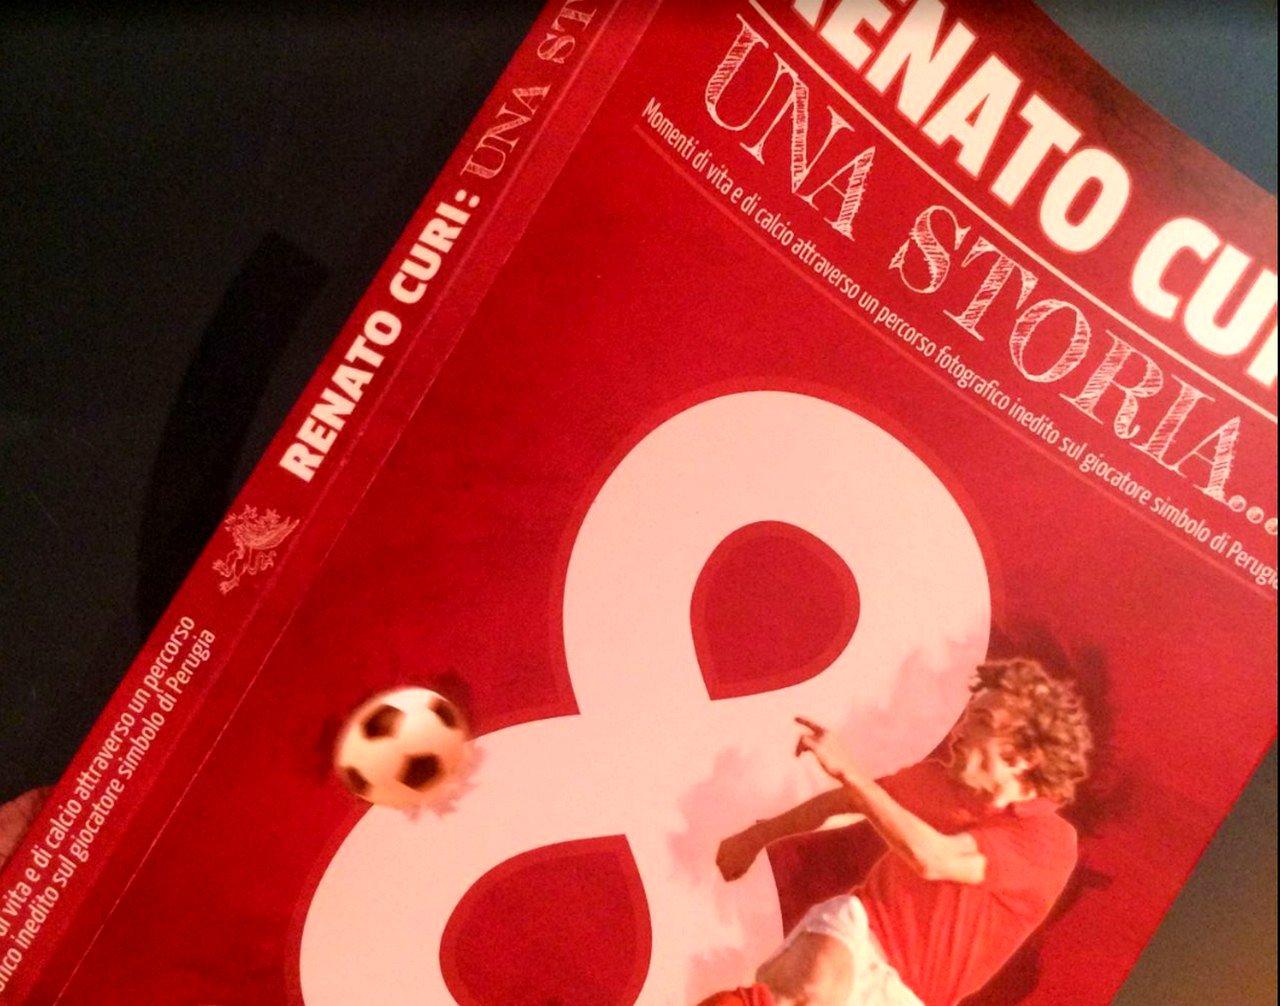 ✍I Racconti – Renato Curi una storia, ricordo appassionato nel libro del figlio (S.Carnevali) 🔴Video